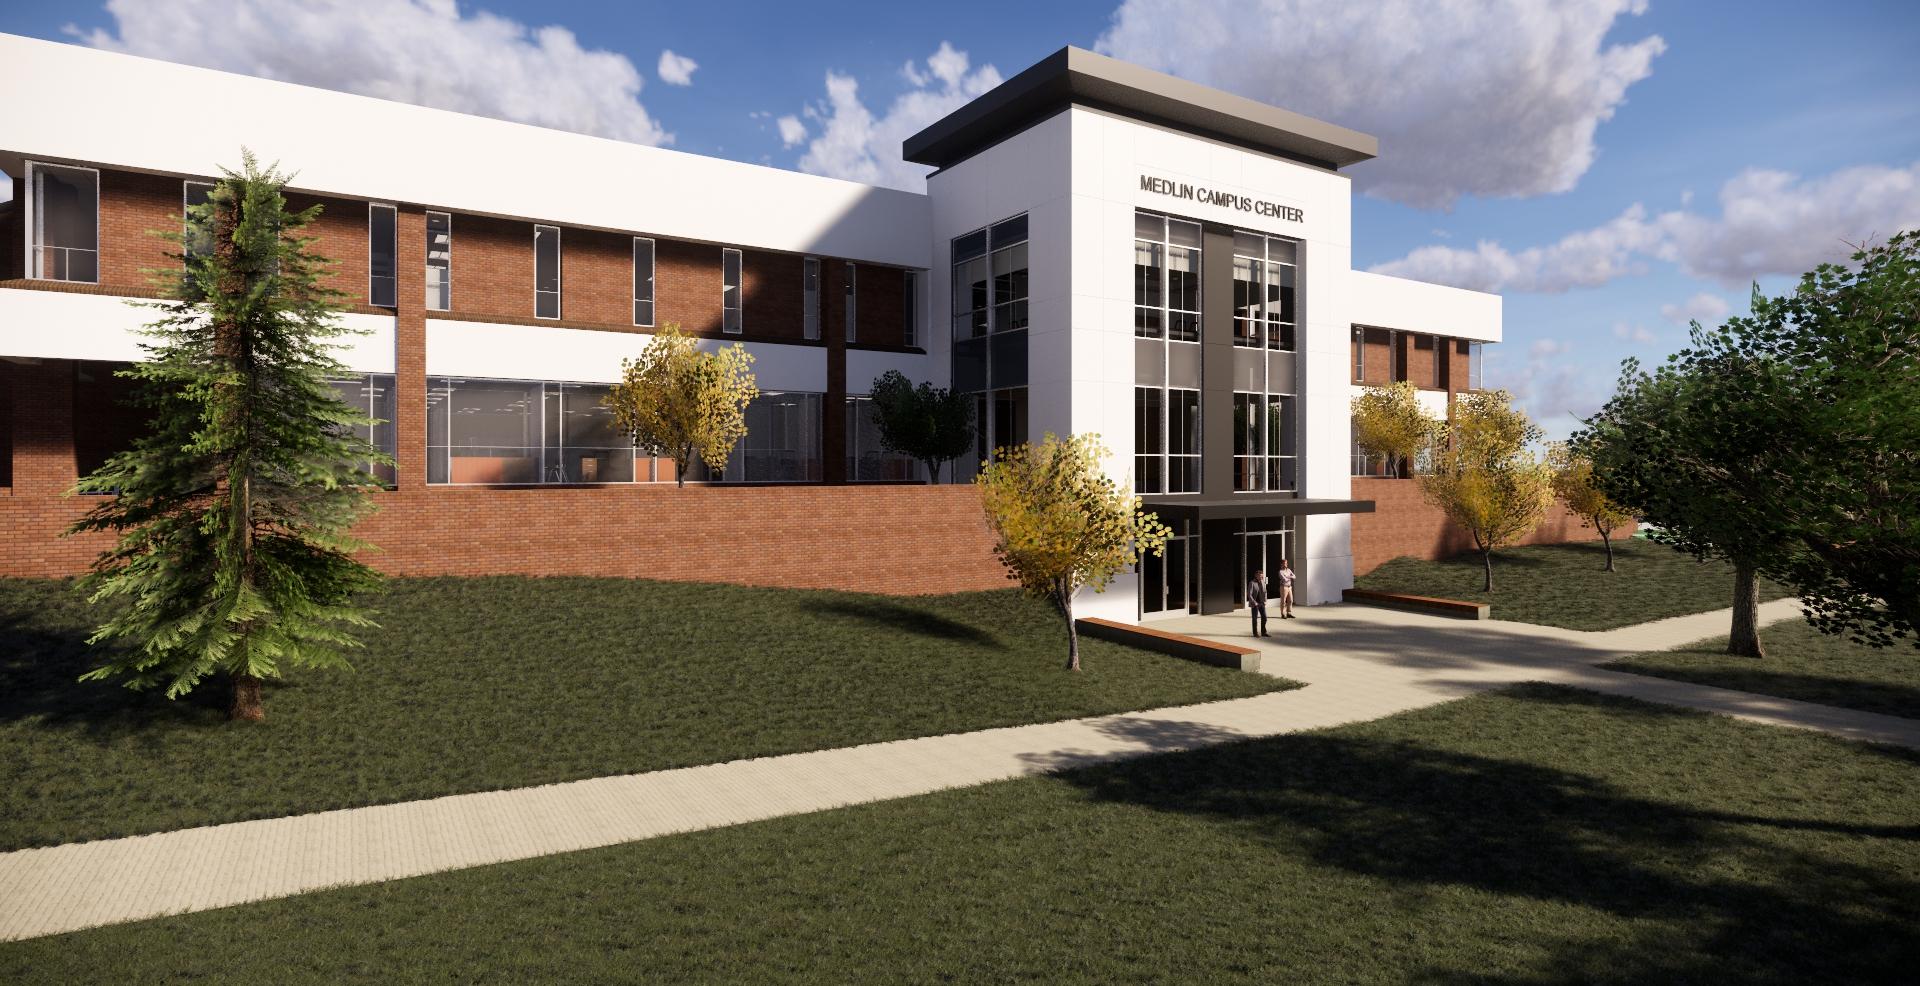 Image result for gtcc medlin campus center